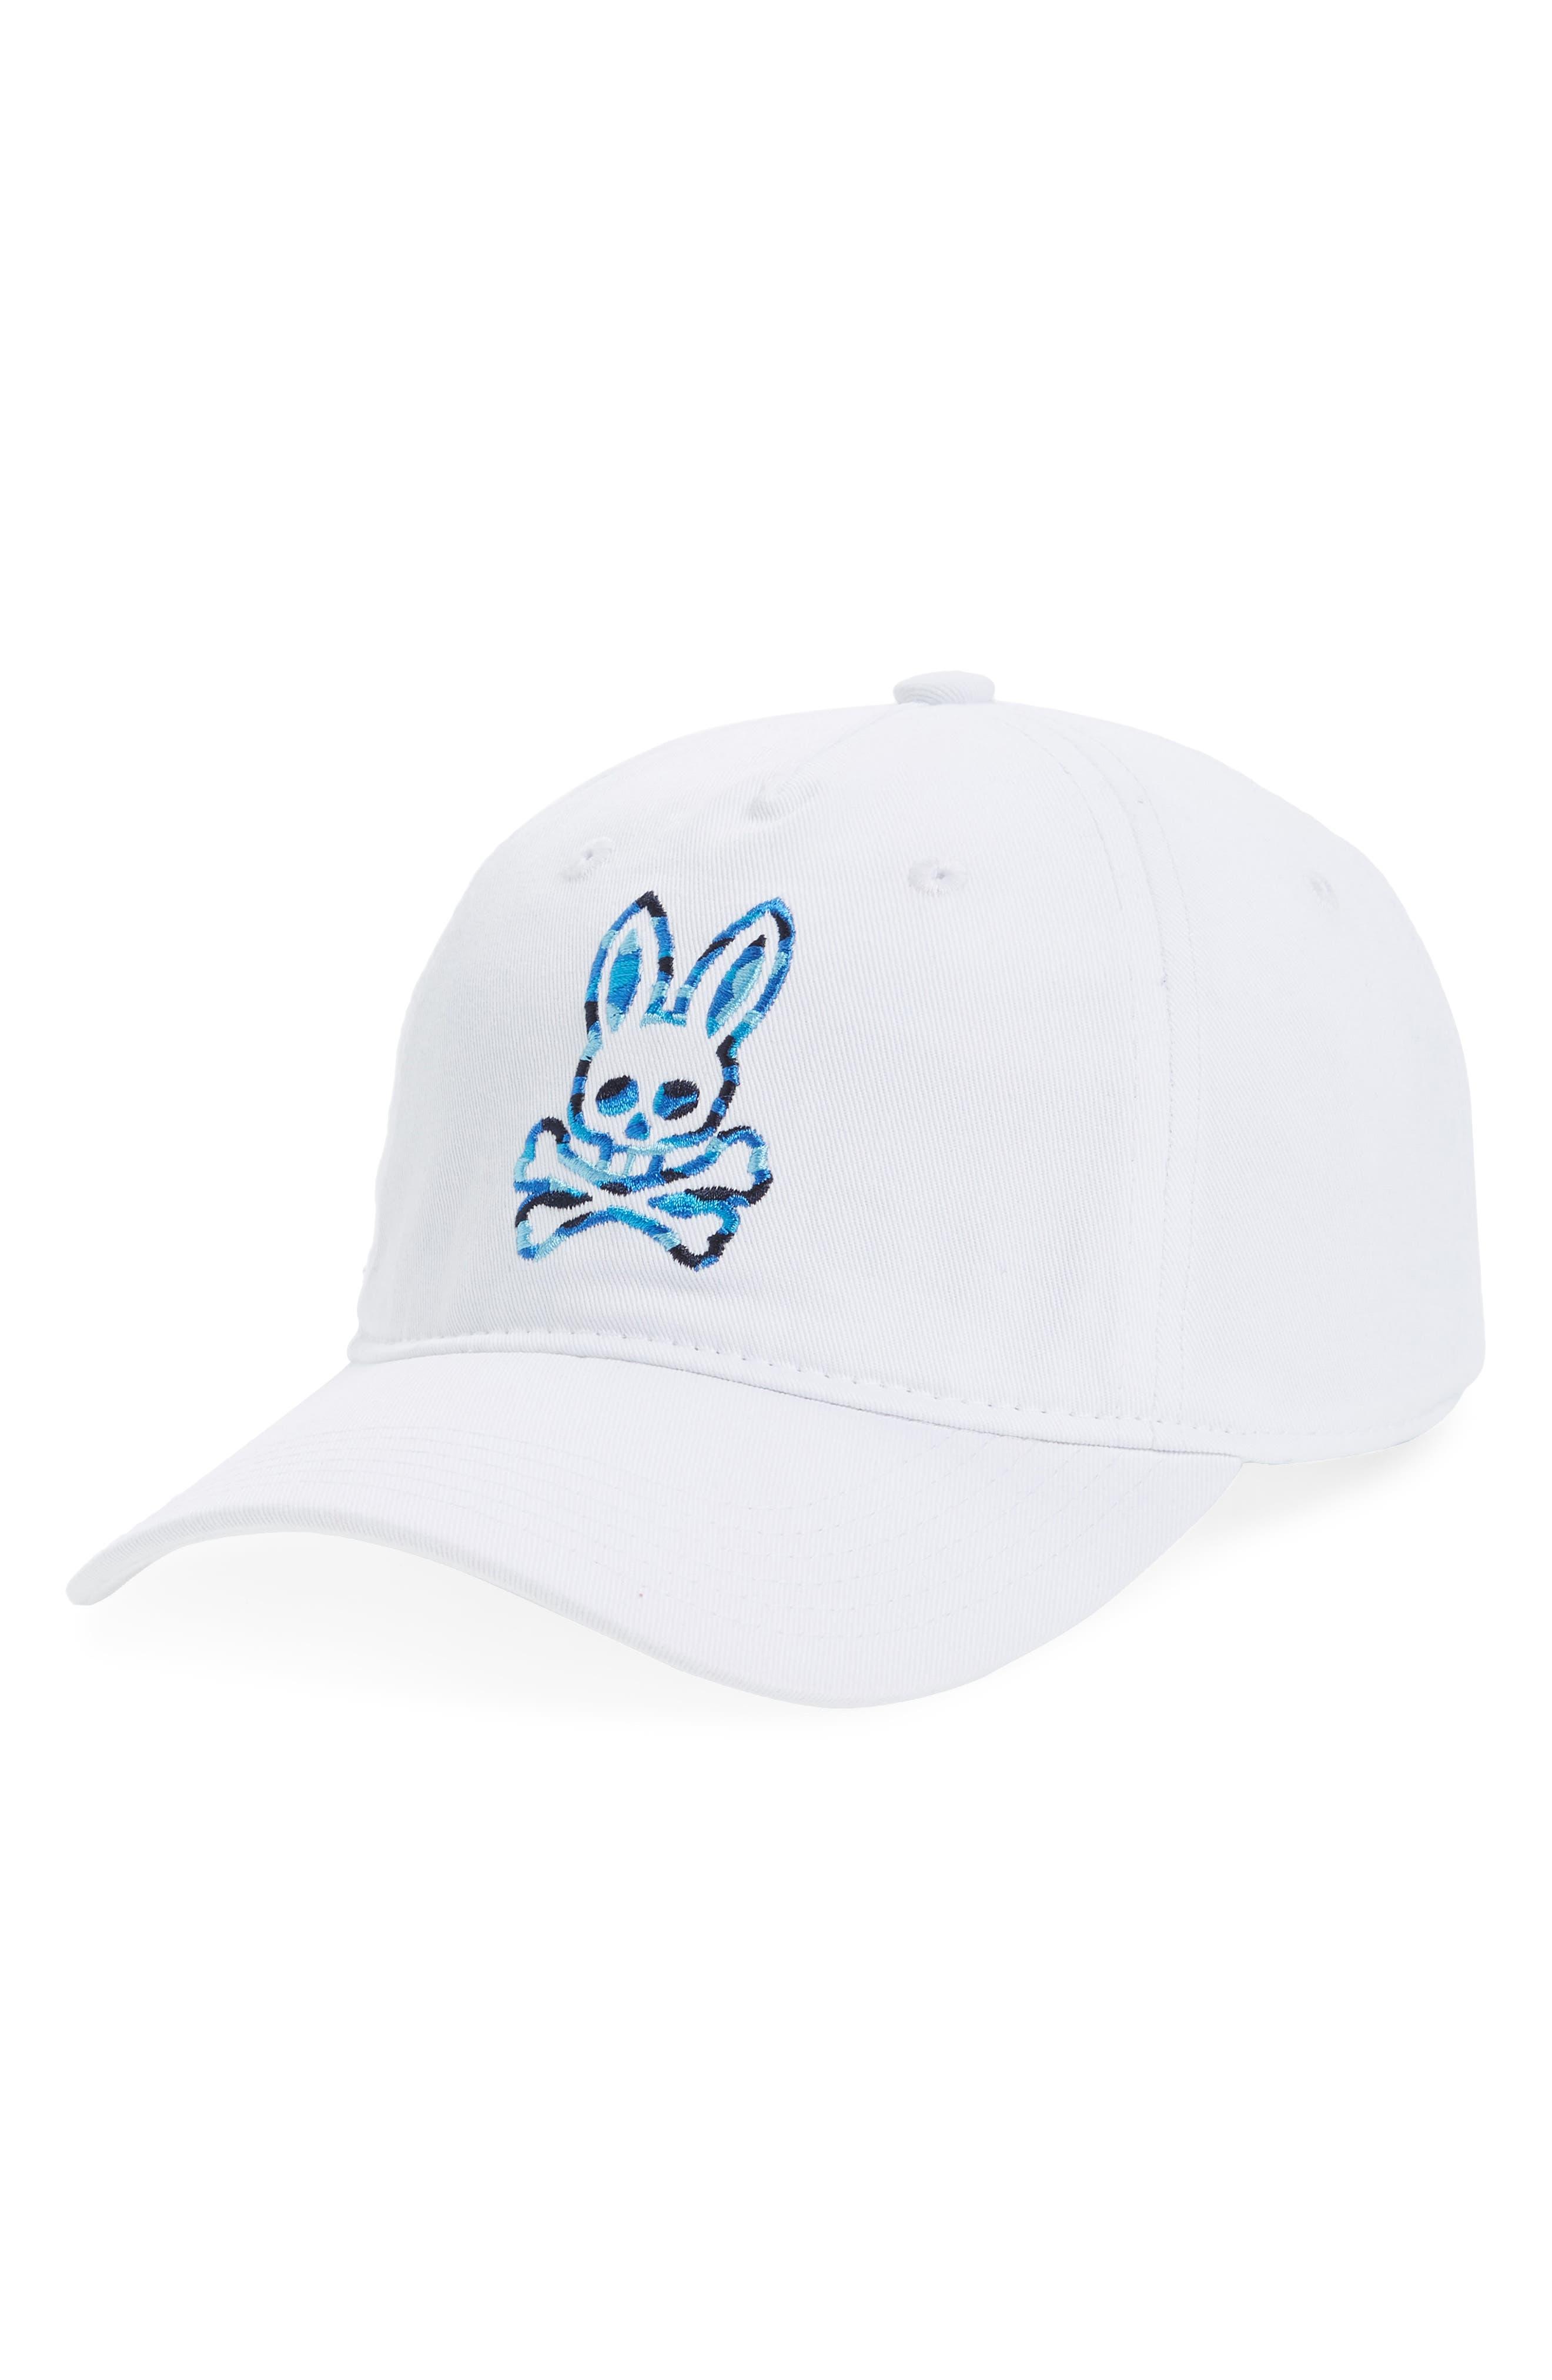 a02c852f0e1 Psycho Bunny Camo Bunny Ball Cap - White | ModeSens